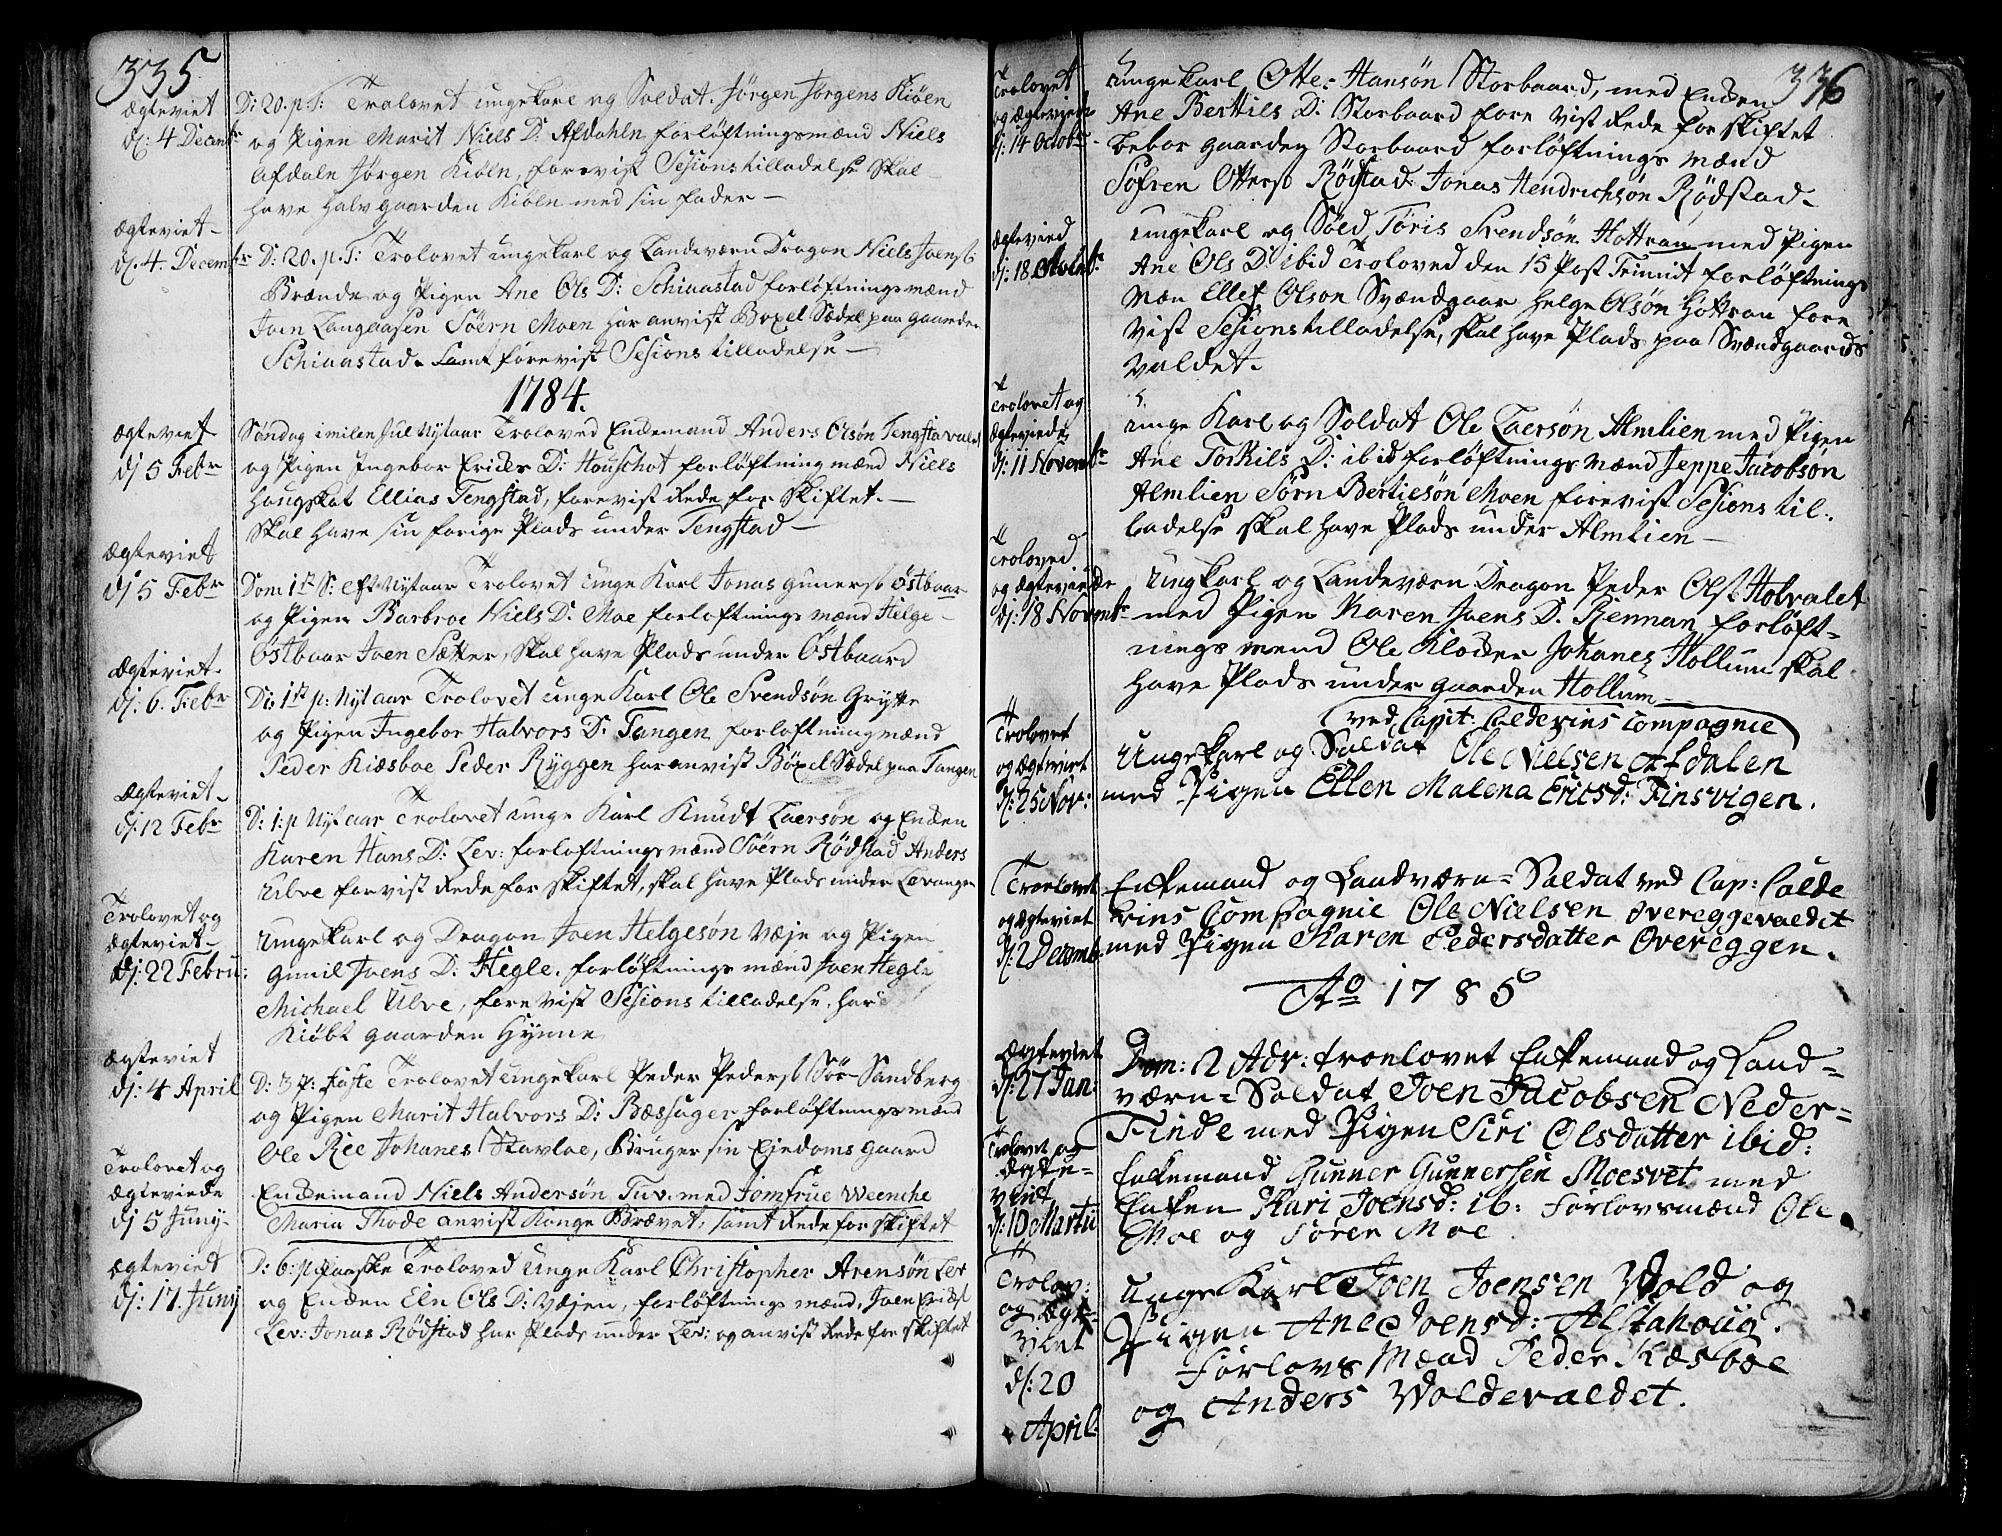 SAT, Ministerialprotokoller, klokkerbøker og fødselsregistre - Nord-Trøndelag, 717/L0141: Ministerialbok nr. 717A01, 1747-1803, s. 335-336